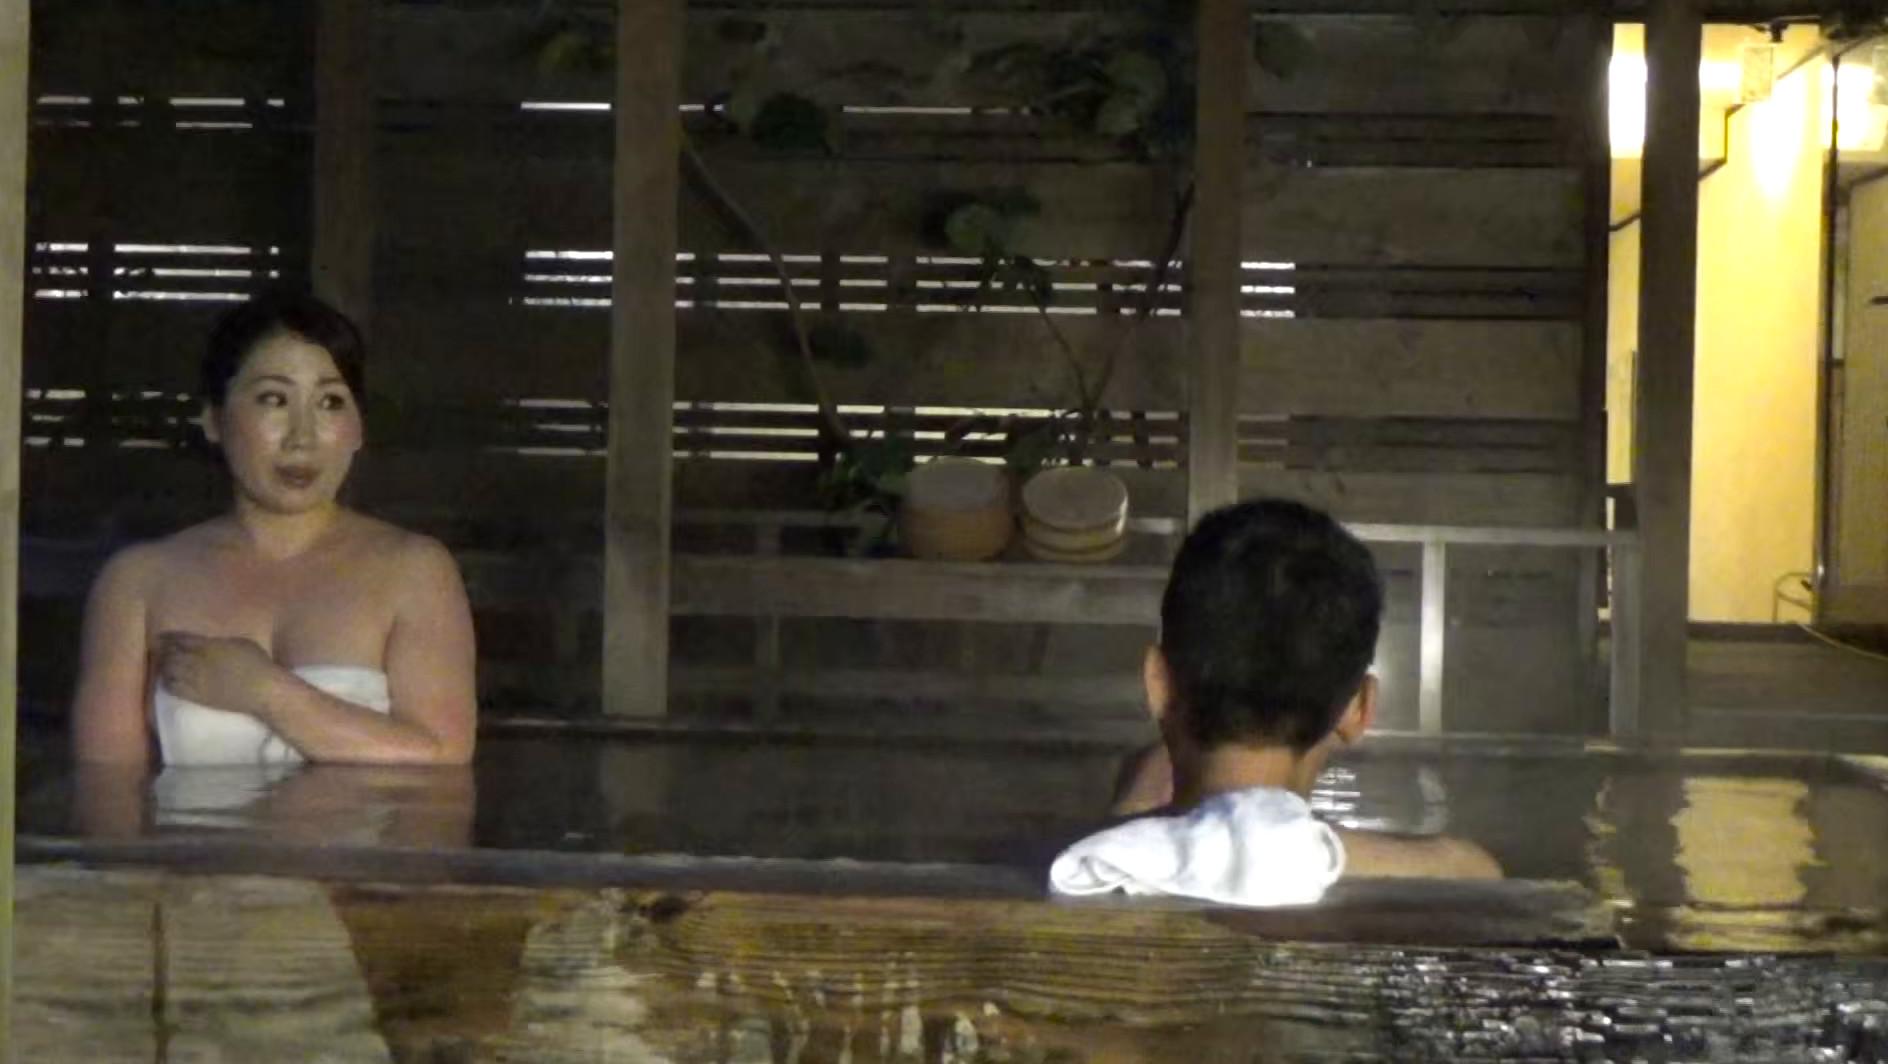 【素人】《偶然混浴》ヤっちゃった映像,のサンプル画像1